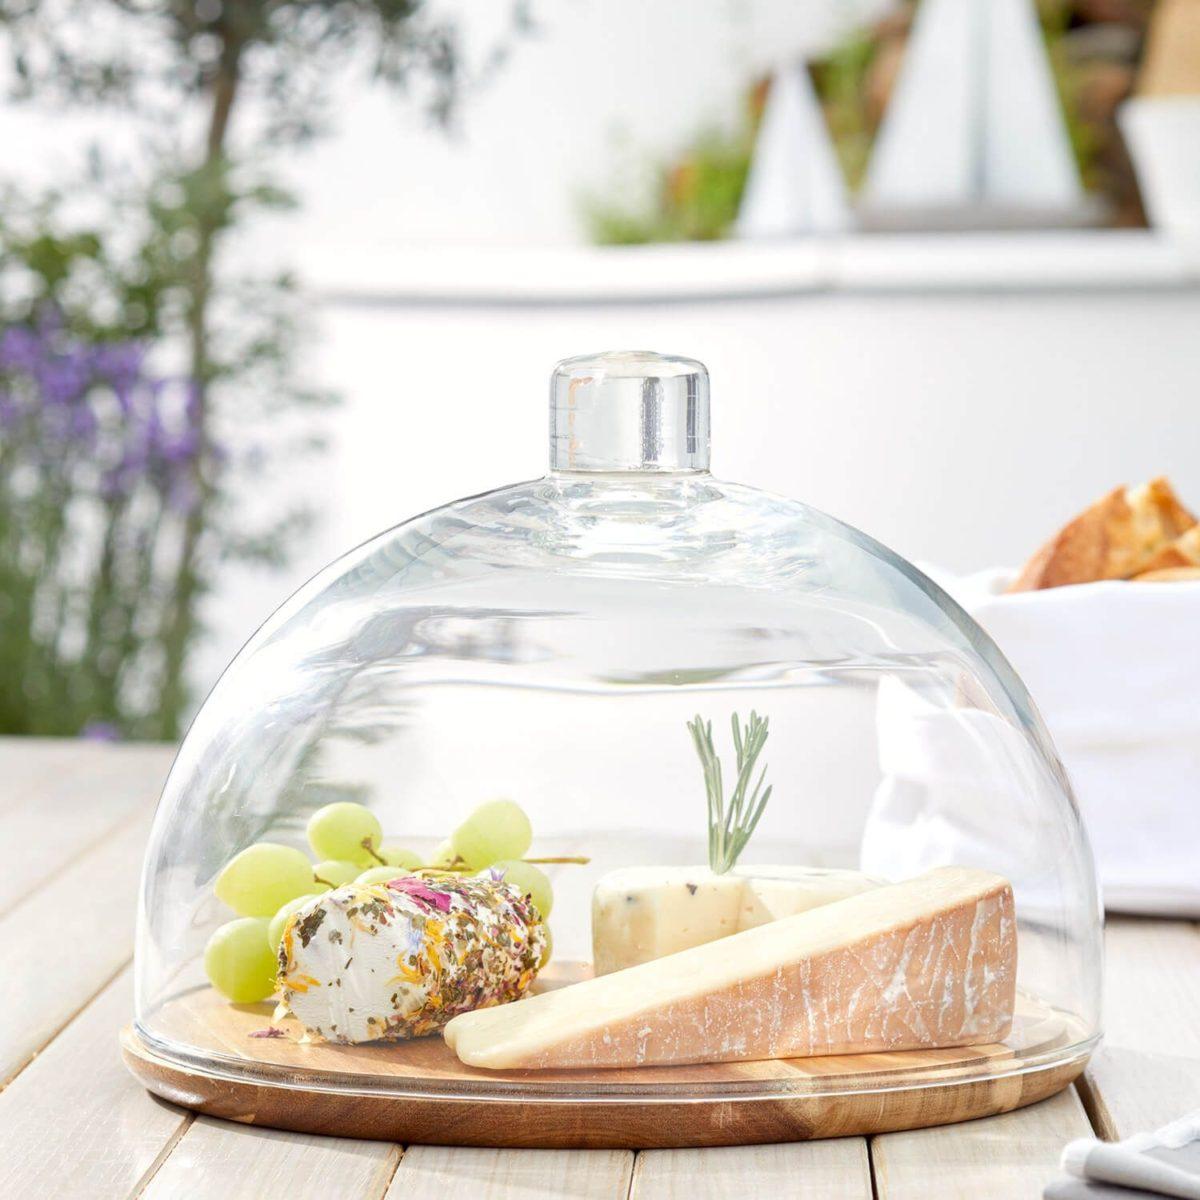 018519 1 k 1200x1200 - Placă de lemn pentru cașcaval cu capac de sticlă Cucina (L018519)